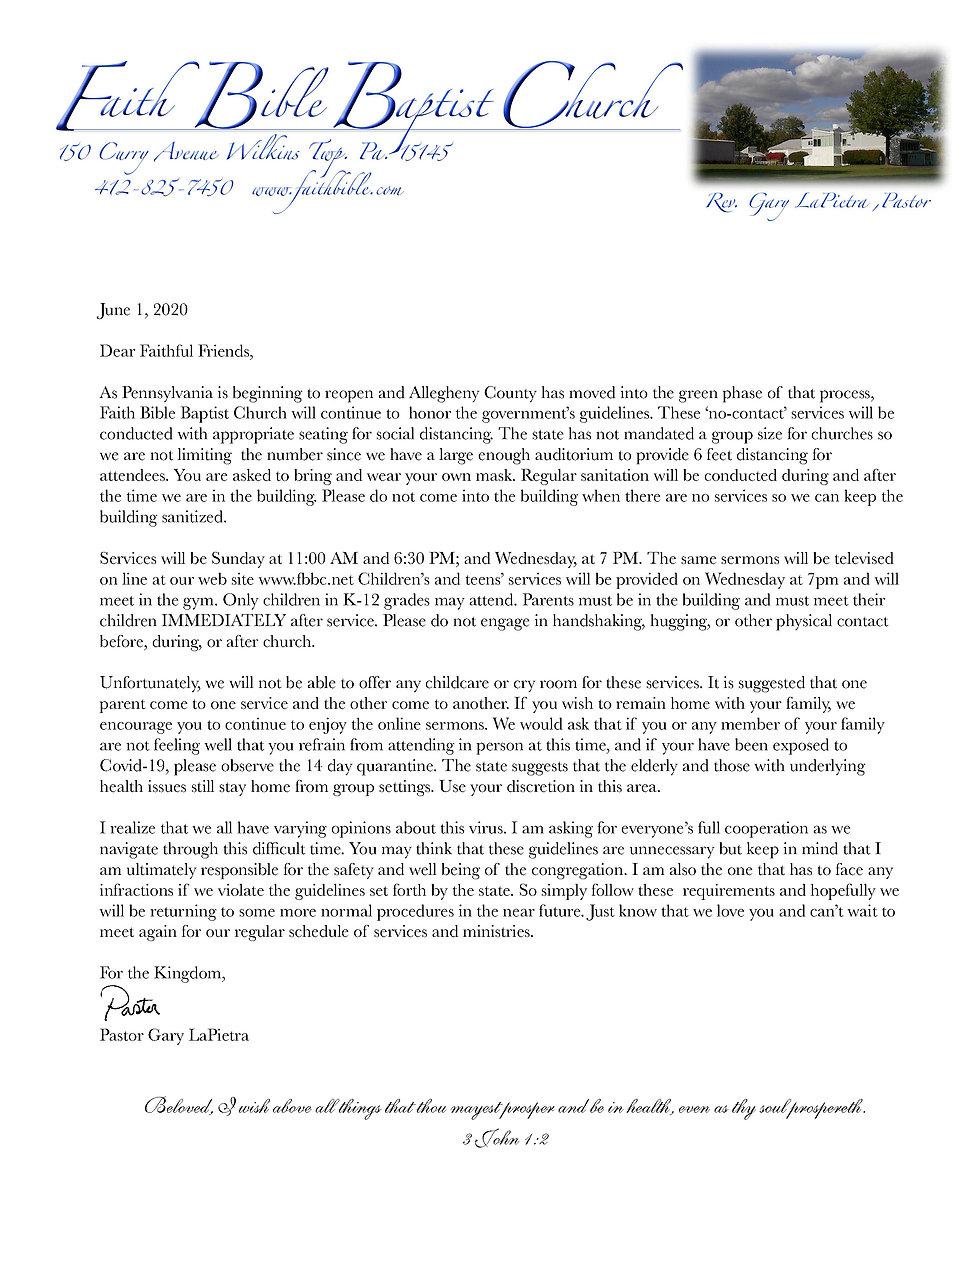 Letter 6-01-20.jpg